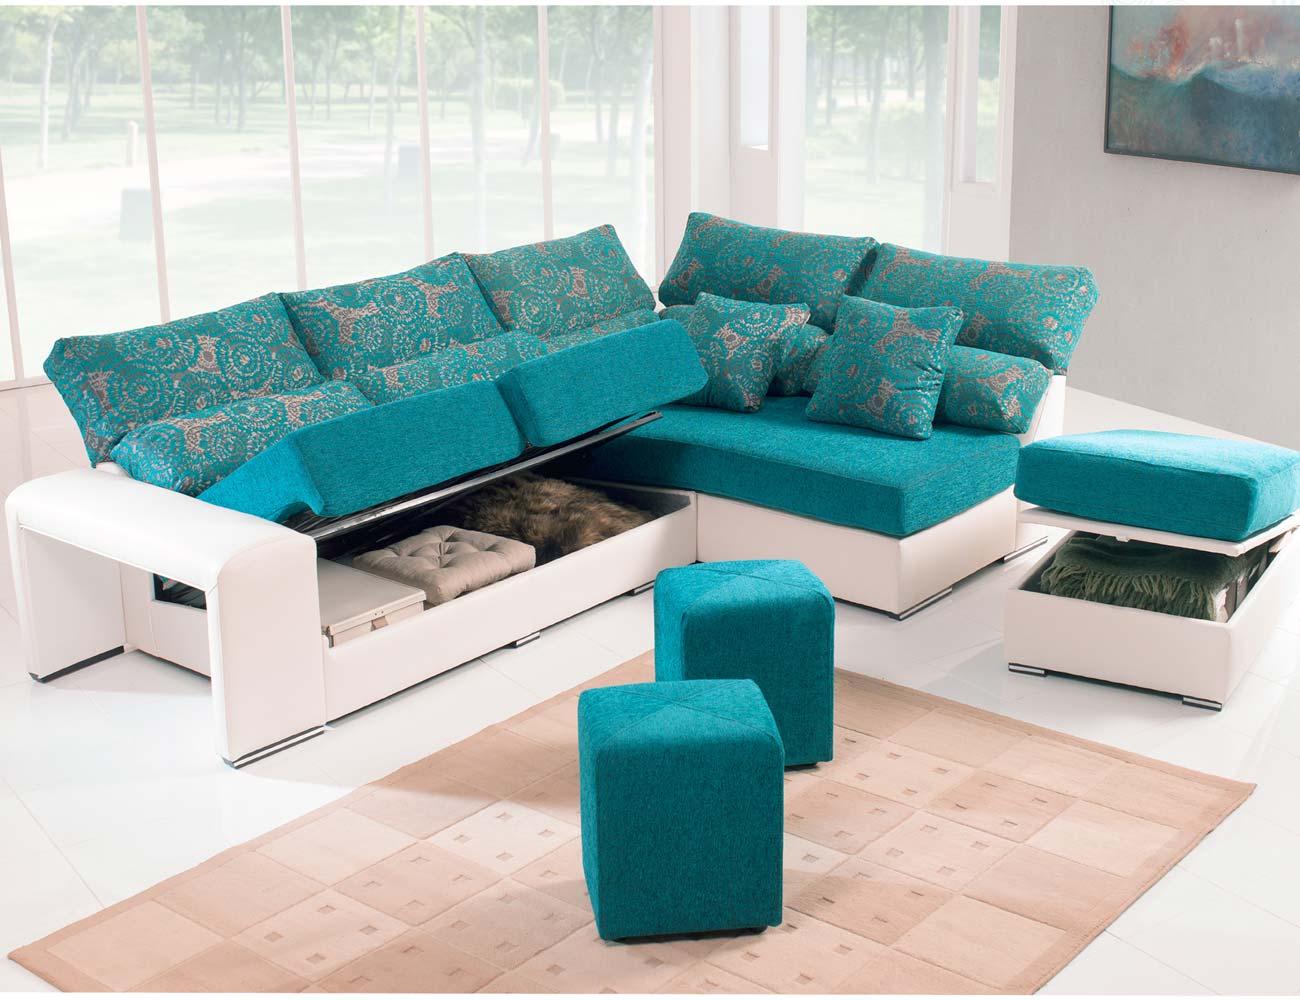 Sofa chaiselongue rincon puff arcon taburete6